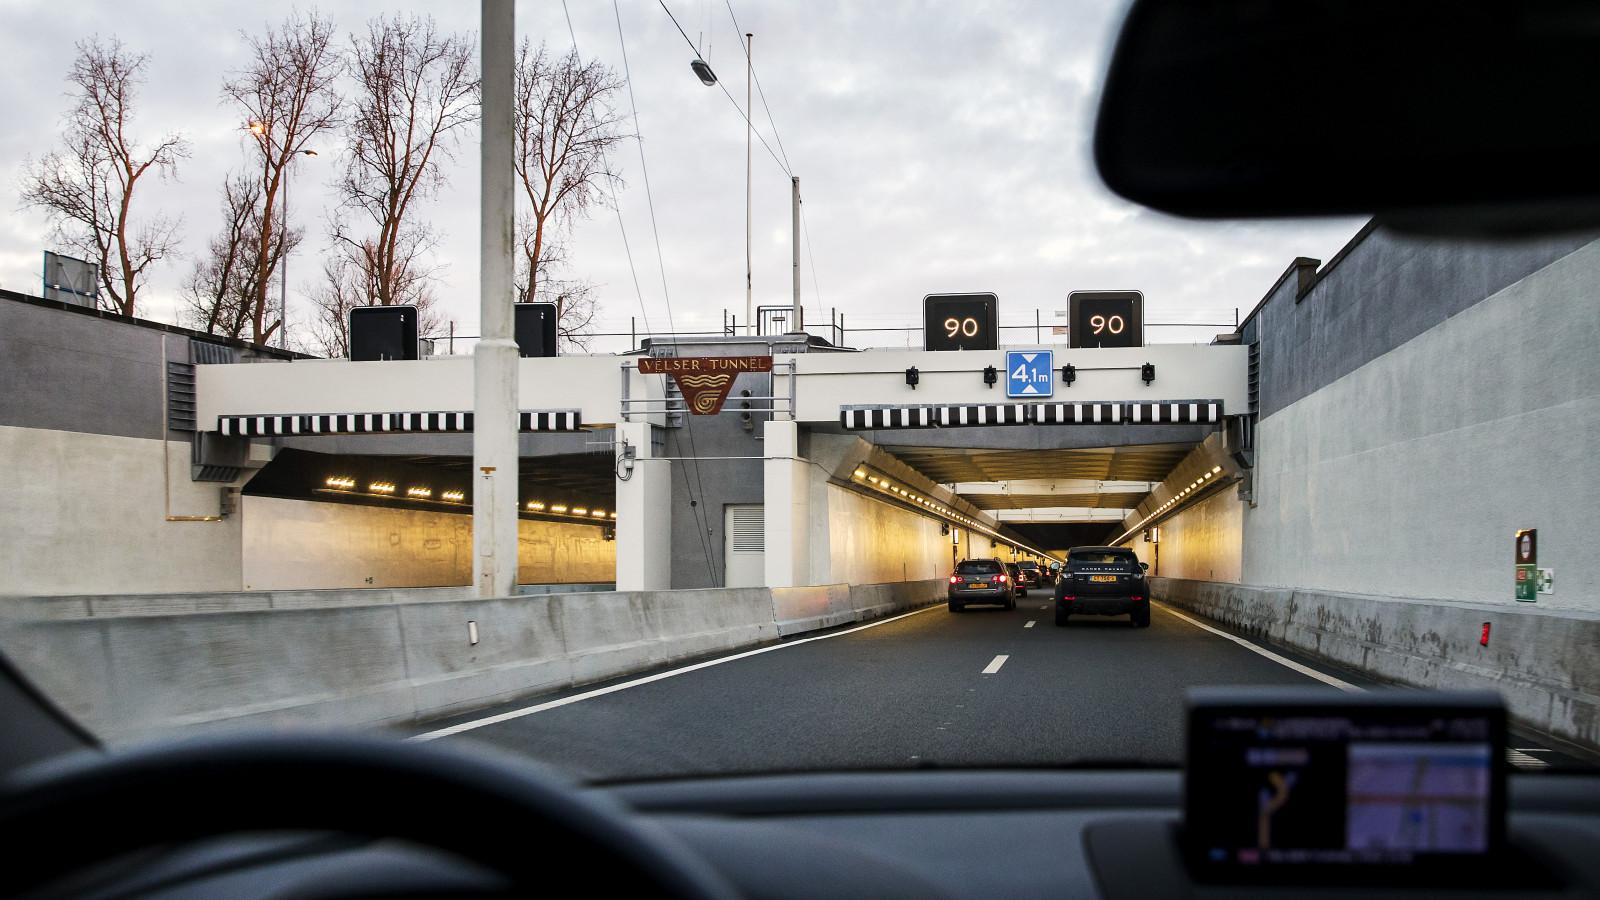 Automobilisten opgelet! Velsertunnel in de richting van Beverwijk dicht door ongeluk.